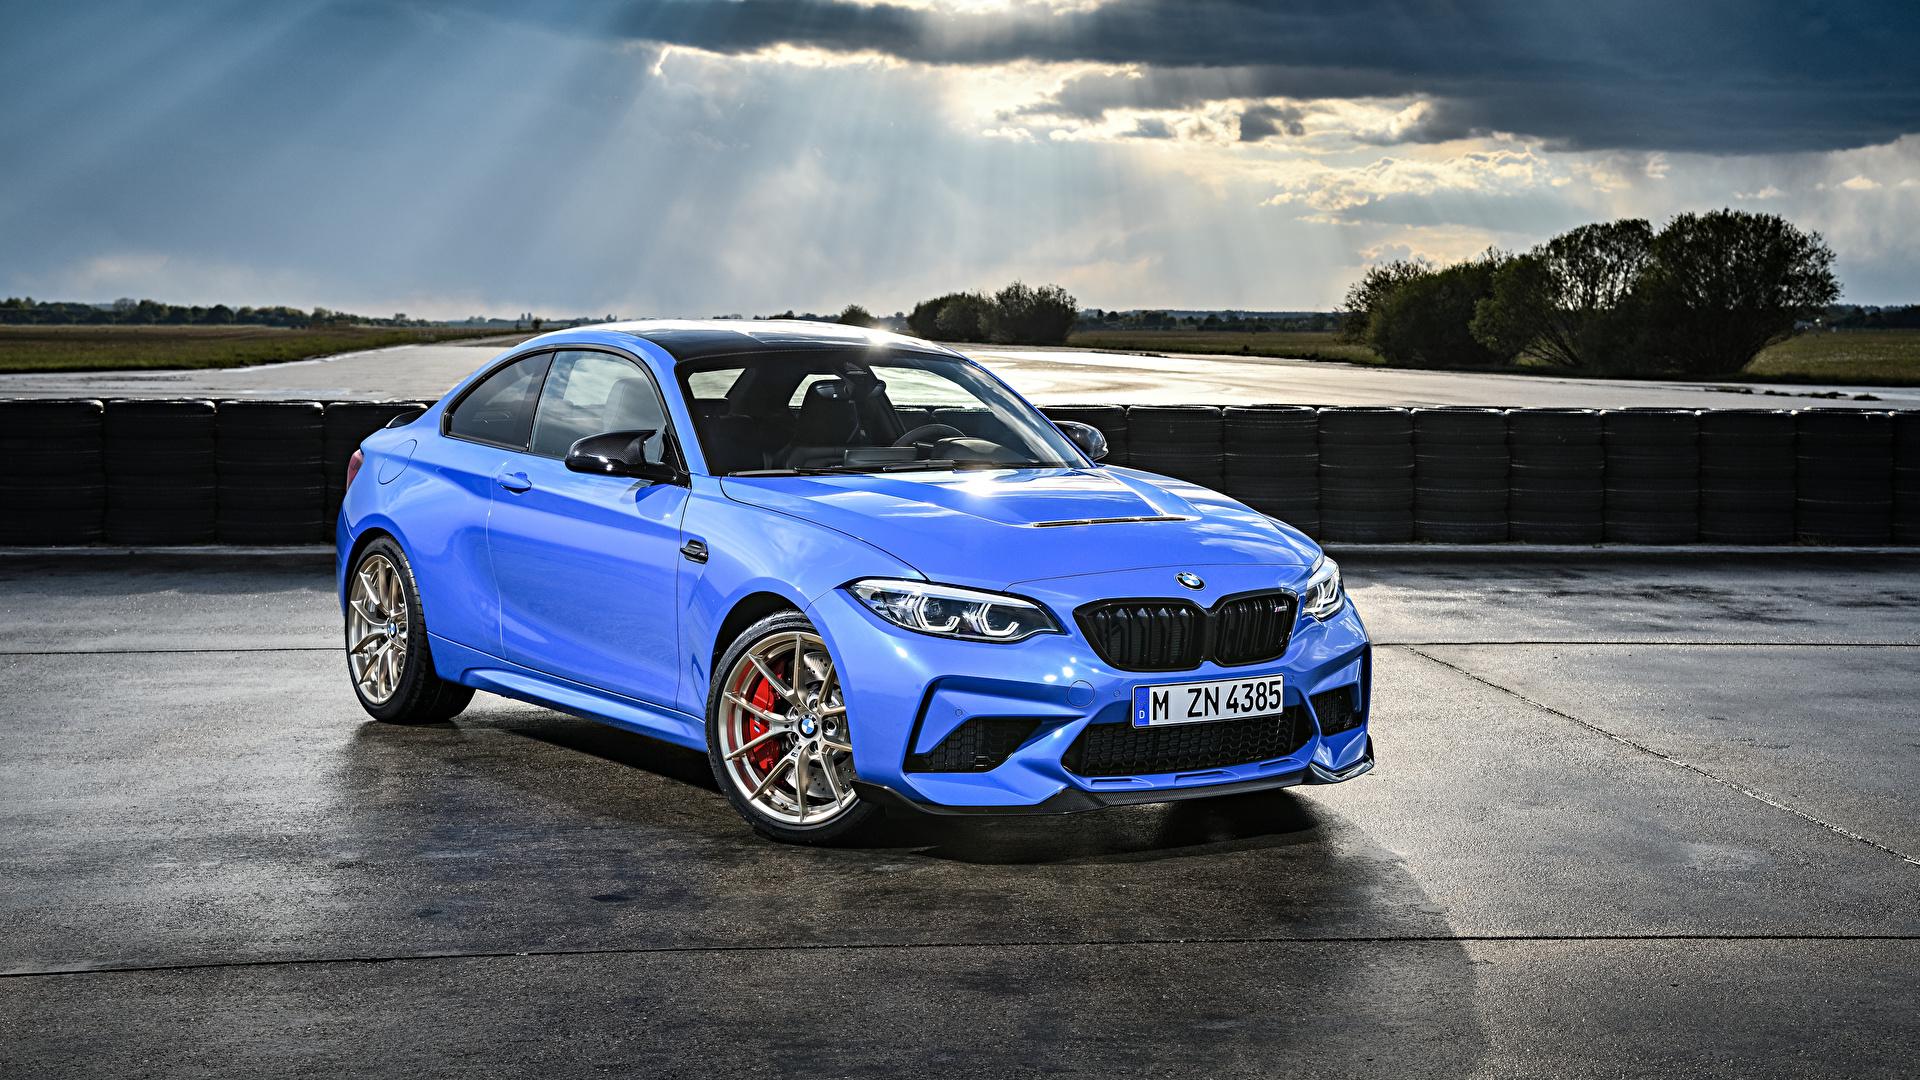 Фотография BMW 2019 M2 CS Worldwide голубая Металлик Автомобили 1920x1080 БМВ Голубой голубые голубых авто машины машина автомобиль